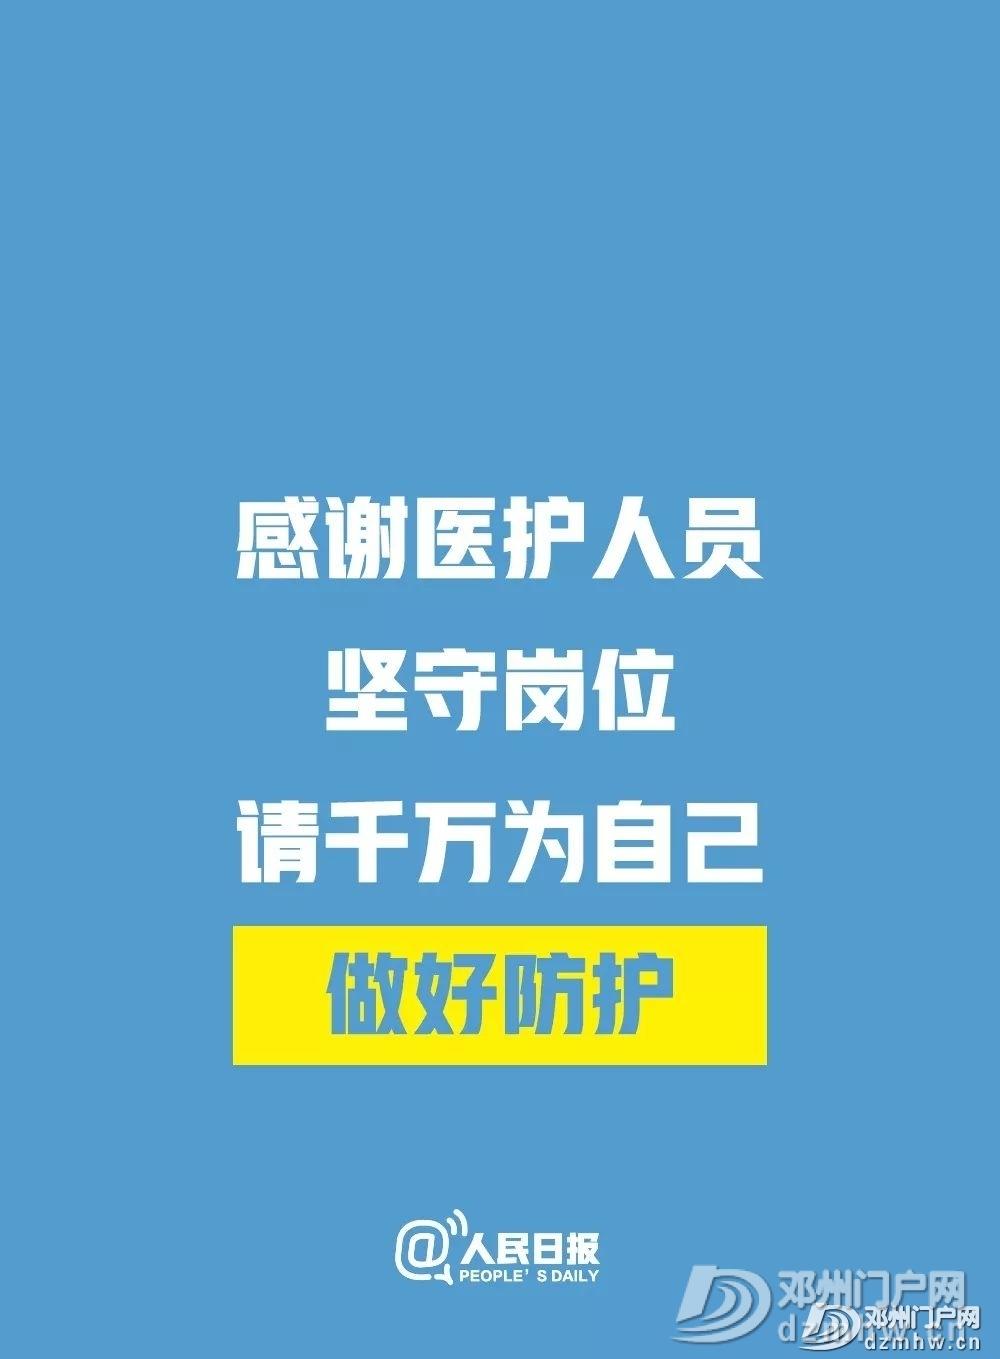 刚刚!河南确诊首位新型肺炎病例,邓州全面禁止销售活禽!铁路部门... - 邓州门户网 邓州网 - 00320492613_c7f5484f.jpg